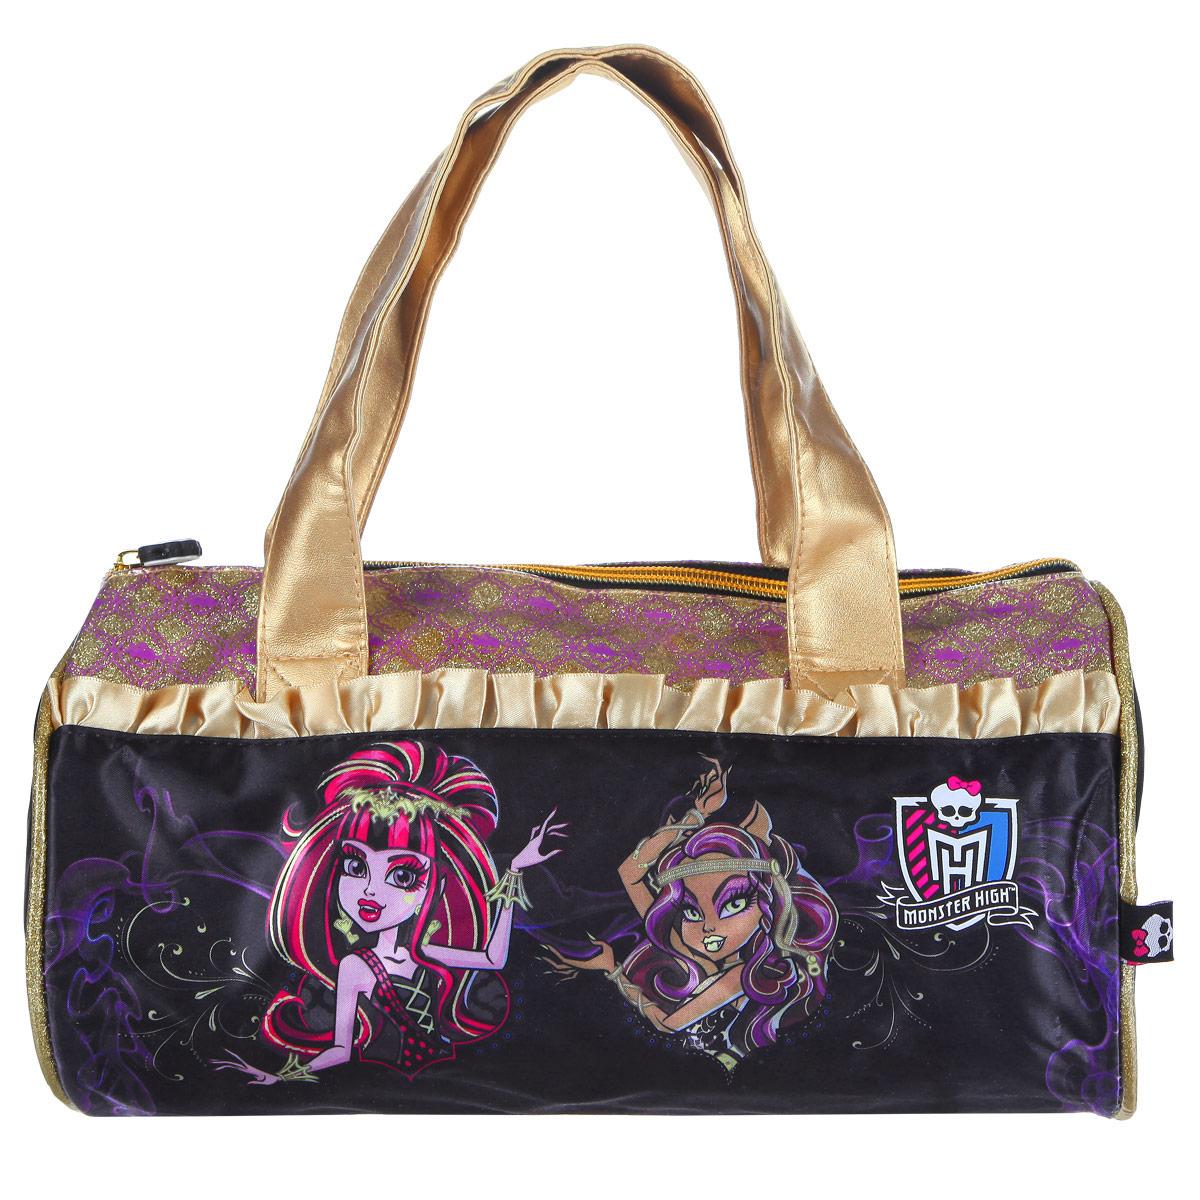 Сумочка детская Monster High. 8531485314Стильная детская сумочка Monster High, оформленная изображением героинь известного мультсериала Школа Монстров, несомненно, понравится вашей малышке. Сумочка имеет одно отделение, закрывающееся на застежку-молнию, куда можно положить все необходимые принадлежности и аксессуары, и две небольшие ручки золотистого цвета, выполненные из искусственной кожи. Внутри сумки расположен накладной карман для мобильного телефона. Сумочка декорирована атласными золотыми рюшами, а также вставкой из ПВХ, украшенной узорами с блестками. Бегунок молнии декорирован резиновым элементом в виде черепа. Высота ручек 18 см. Каждая поклонница Школы Монстров будет в восторге от такого аксессуара!